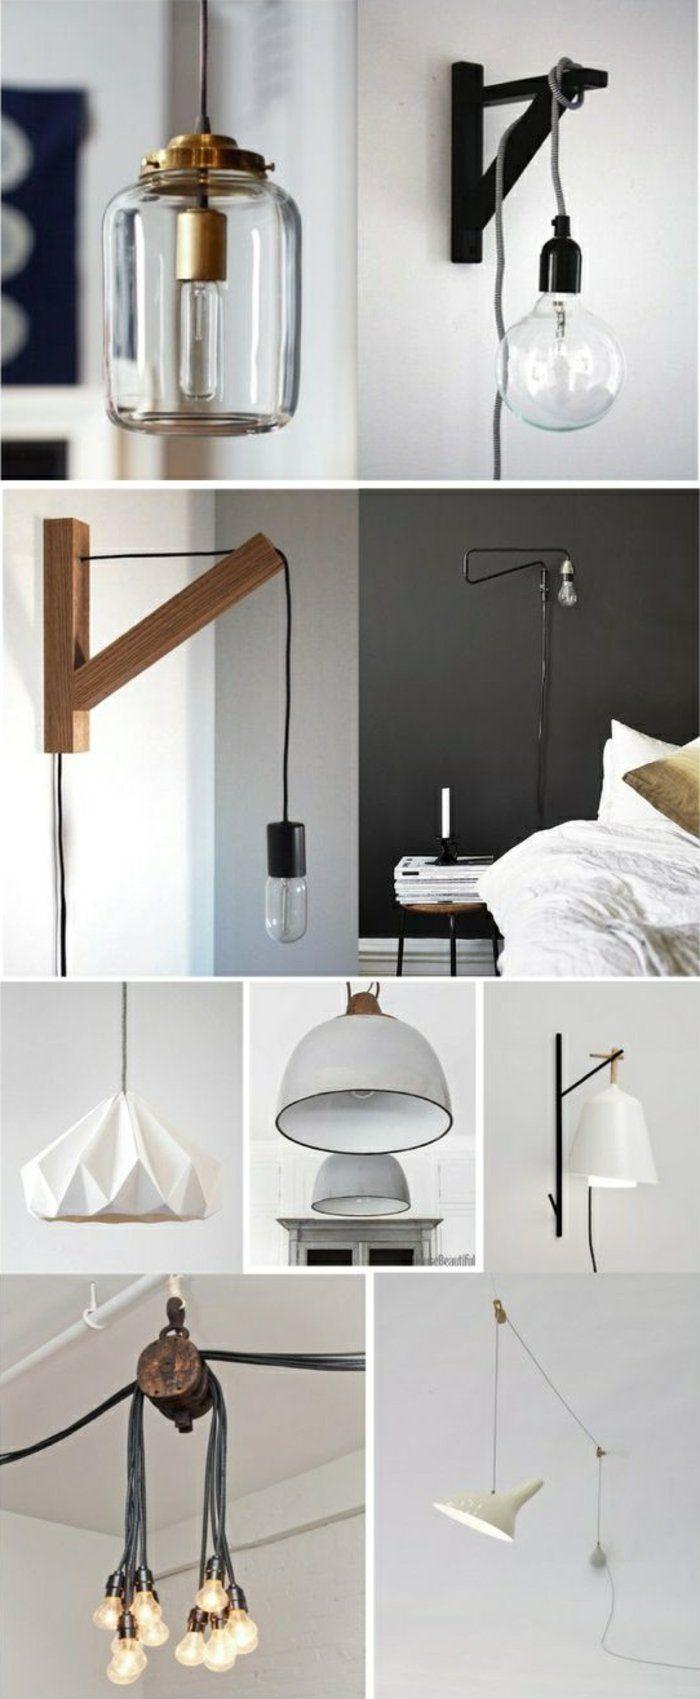 die besten 25 lampen selber machen ideen auf pinterest lampenschirm selber machen kugellicht. Black Bedroom Furniture Sets. Home Design Ideas